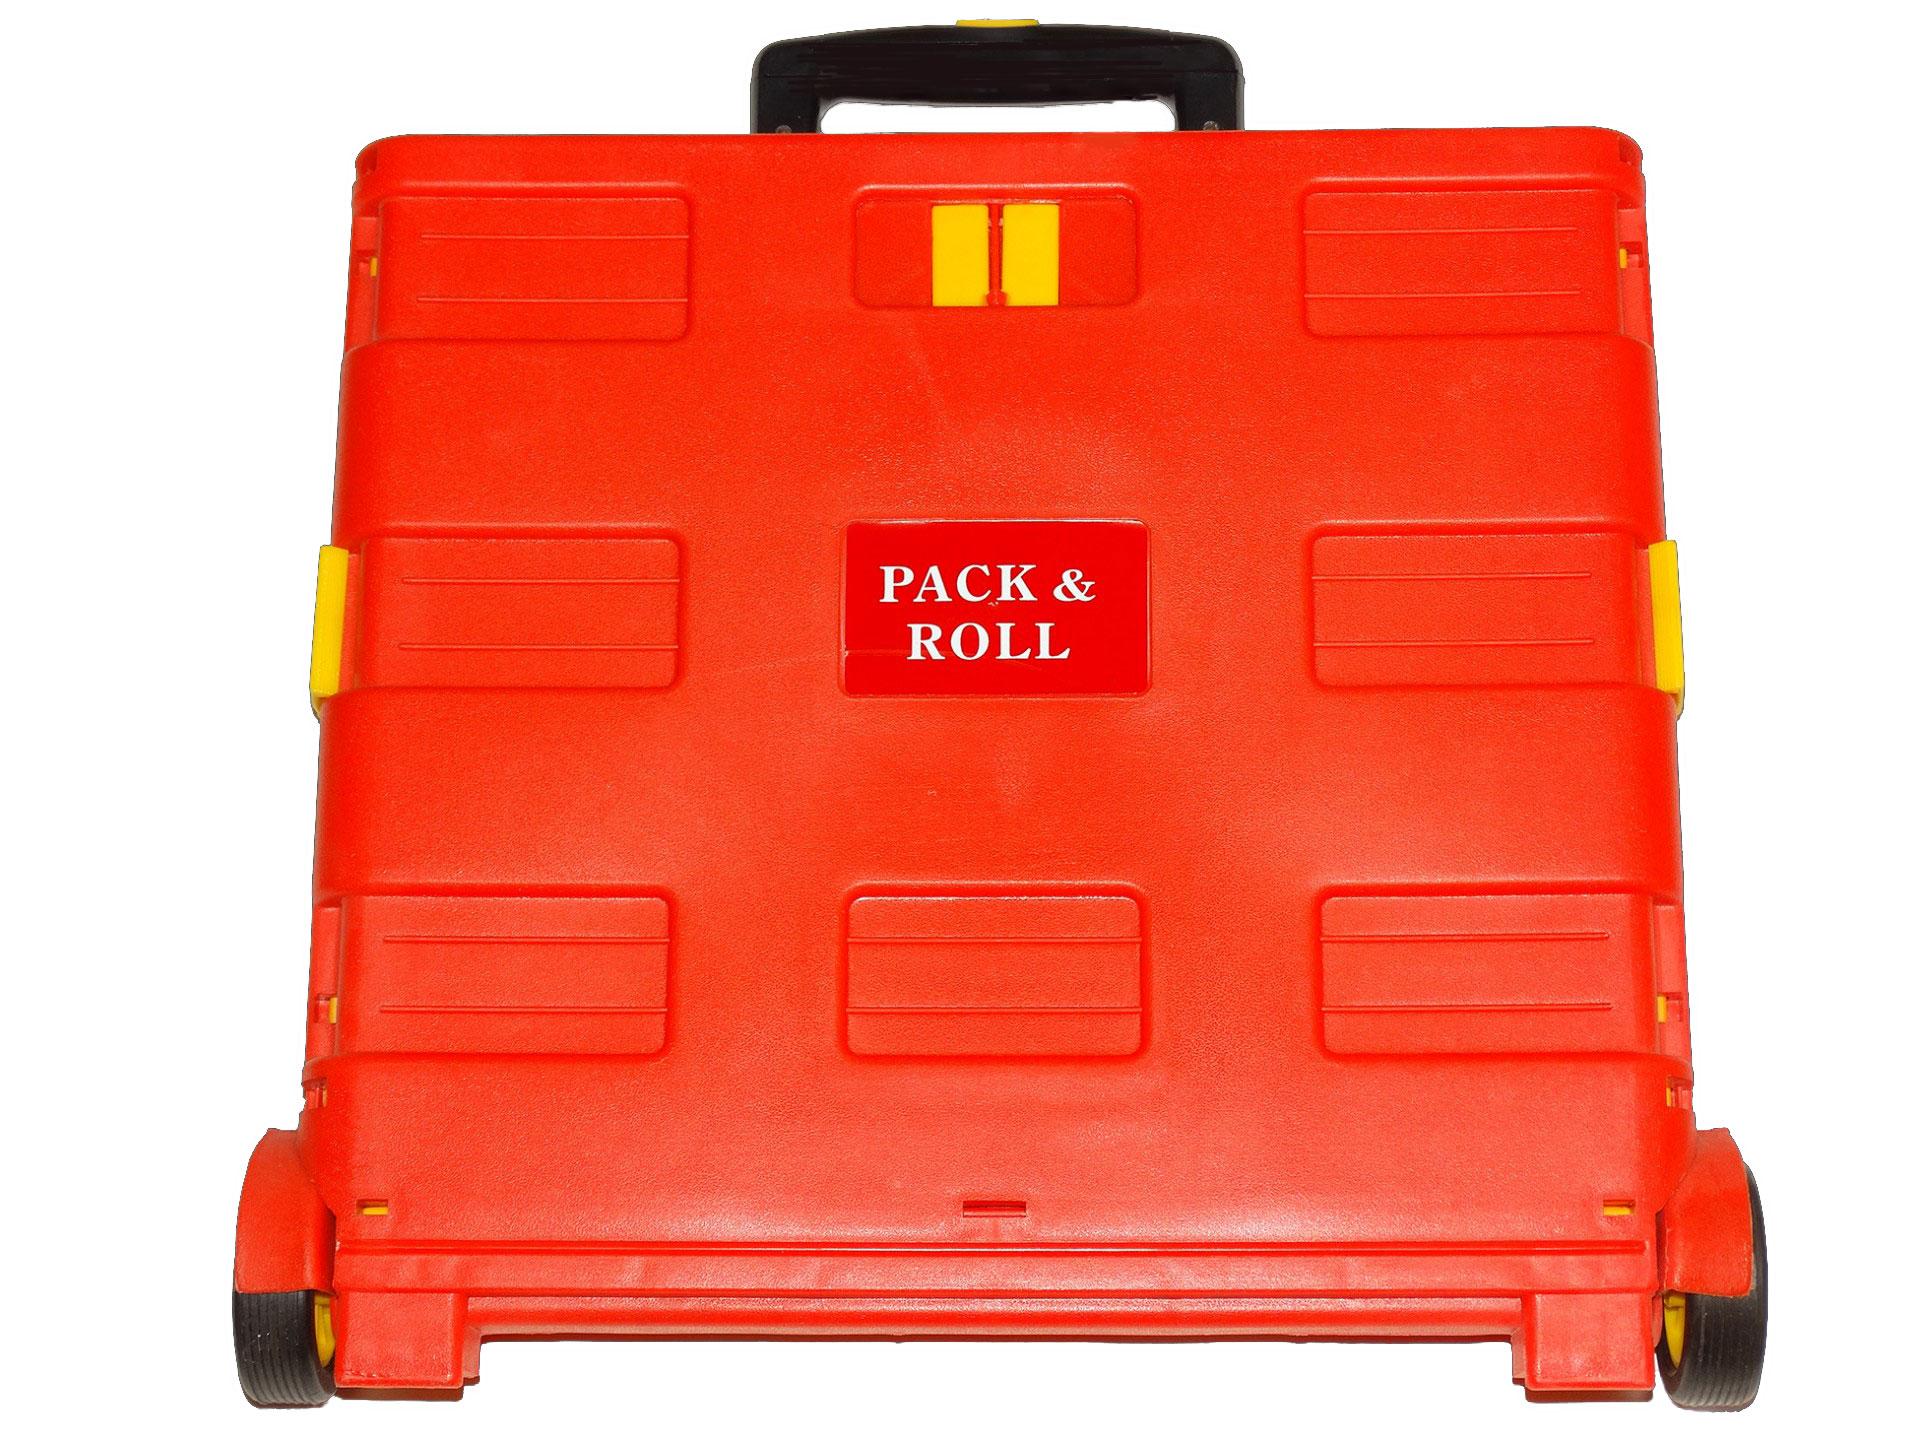 Pack And Roll Katlanır Alışveriş Pazar Arabası - Kırmızı Sarı